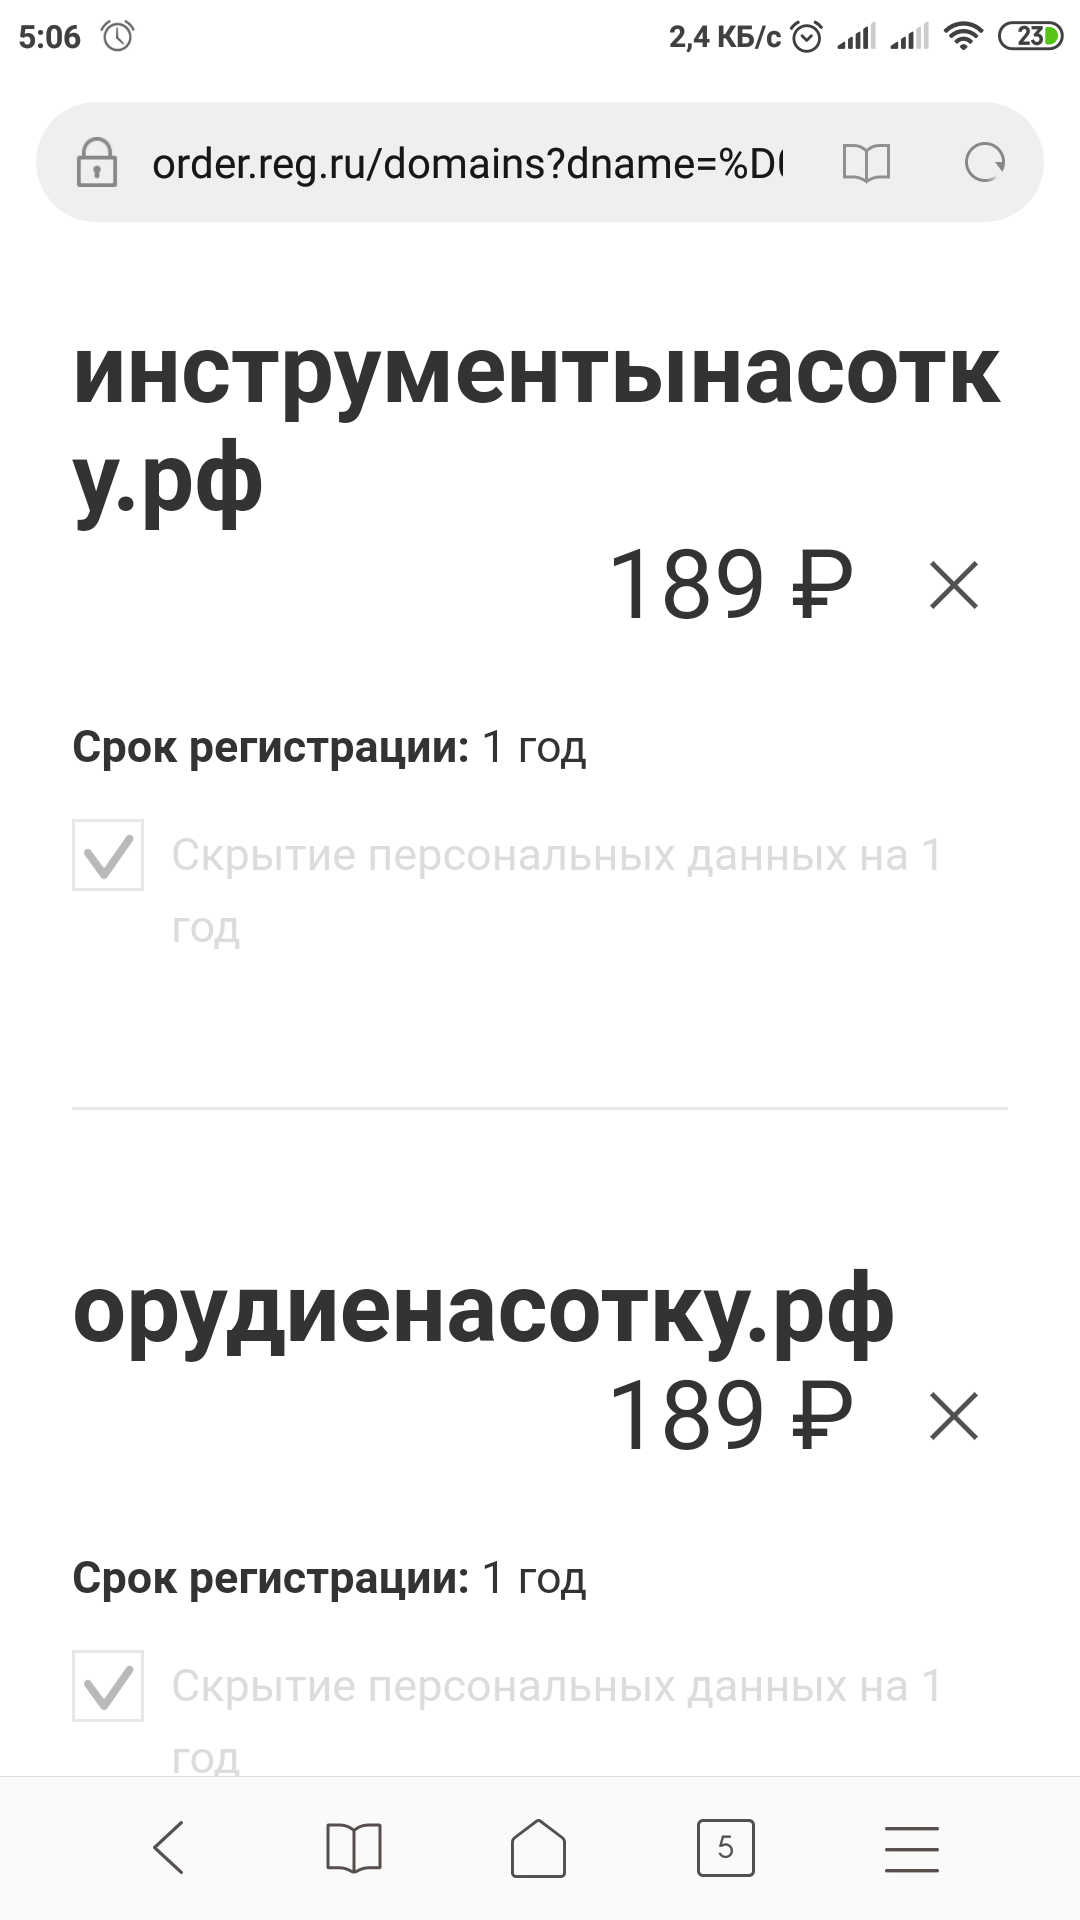 Придумать название для интернет-магазина бензо/электро инстр фото f_1115d22a5577d536.png